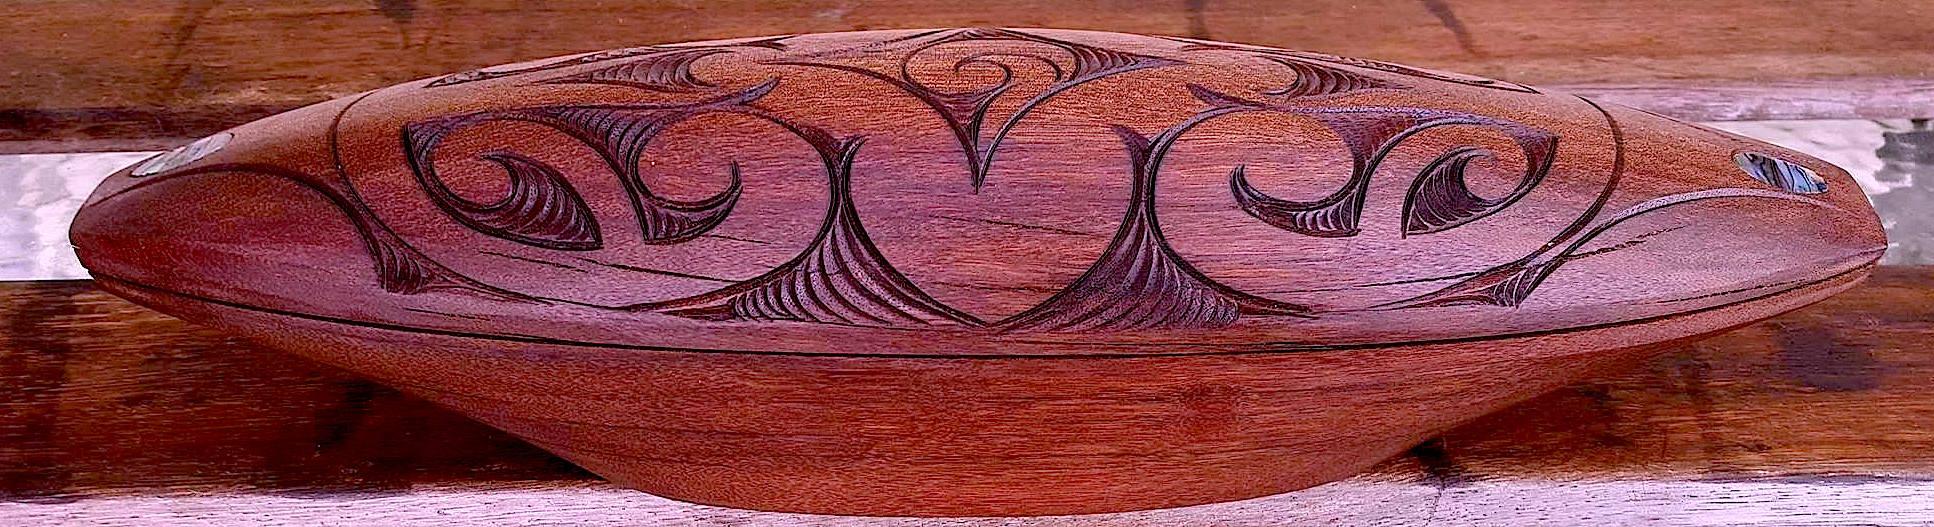 Cory boyd ta moko maori tattoo whakairo maori carvings